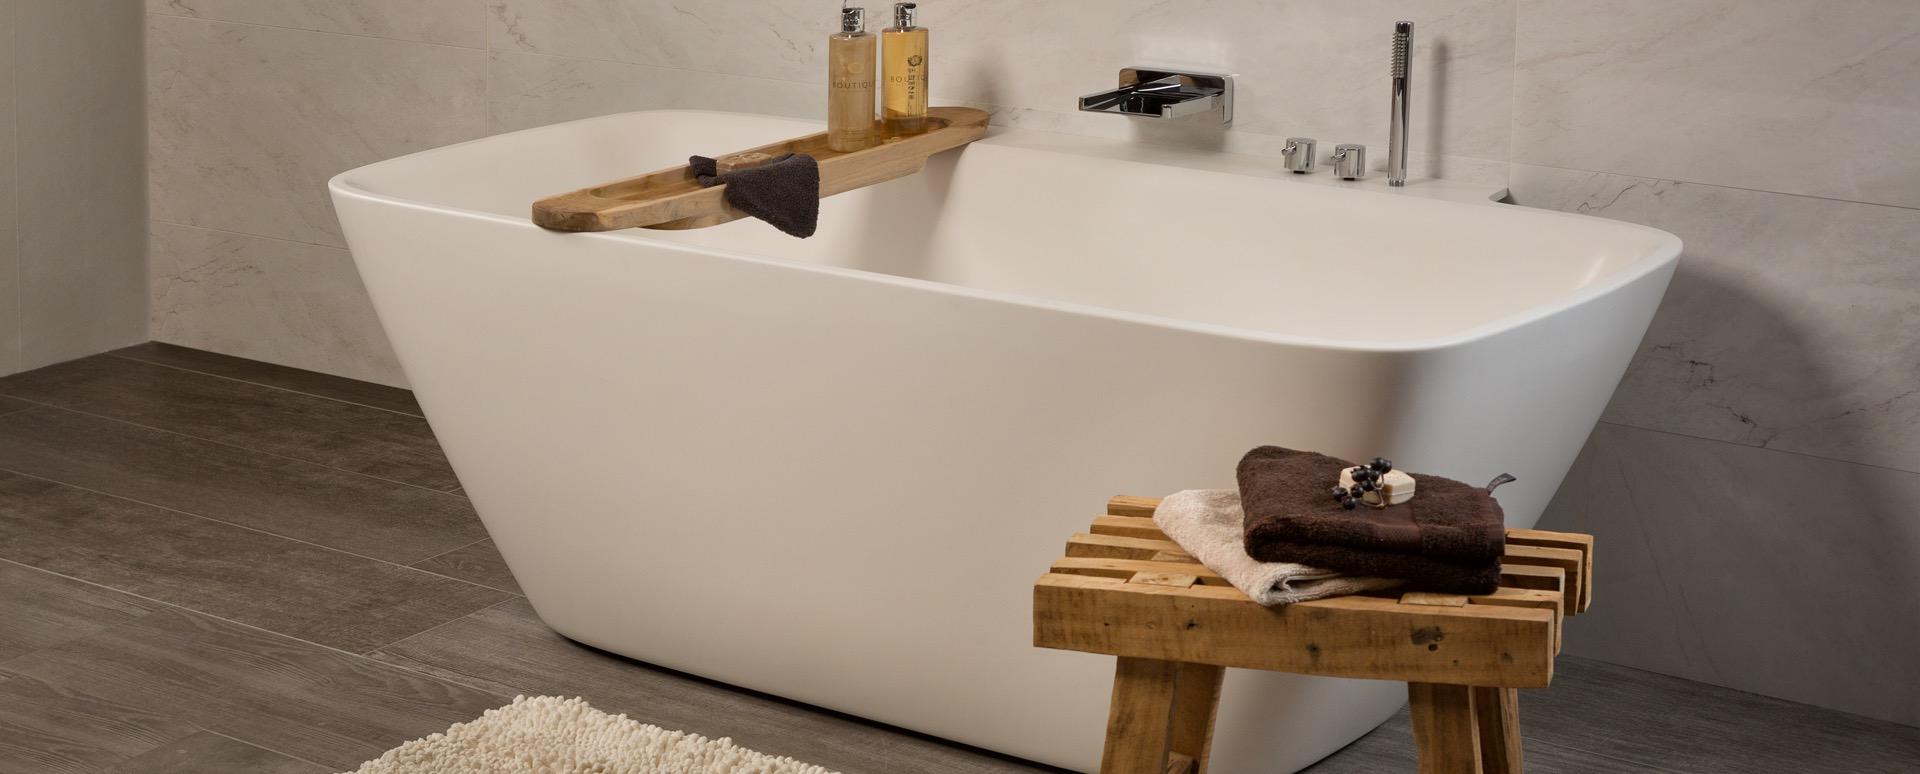 Header-Xenz-badkamers-Mijn-Bad-In-Stijl-badkamer-merken